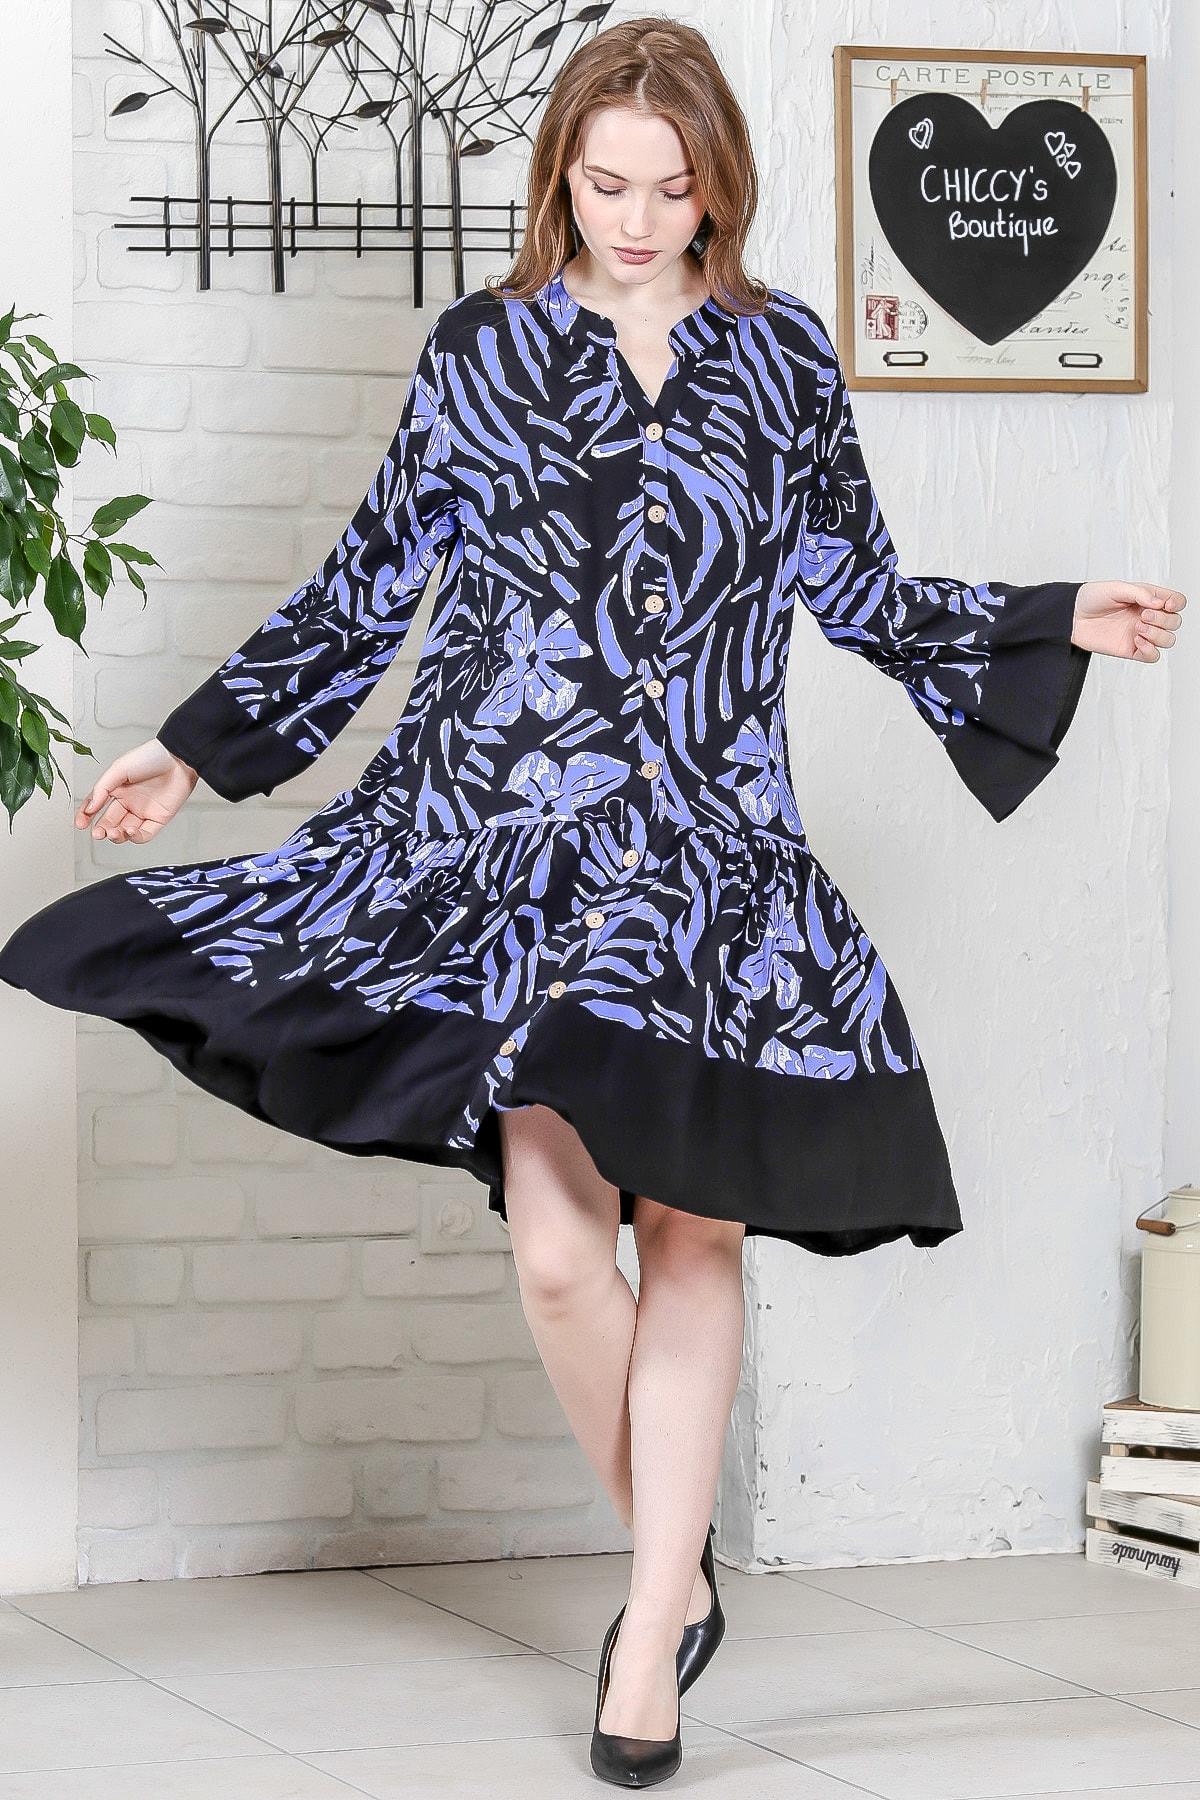 Chiccy Kadın Siyah-Mavi Sıfır Yaka Düğme Detaylı Kol Volanlı Siyah Bloklu Salaş Elbise M10160000EL95234